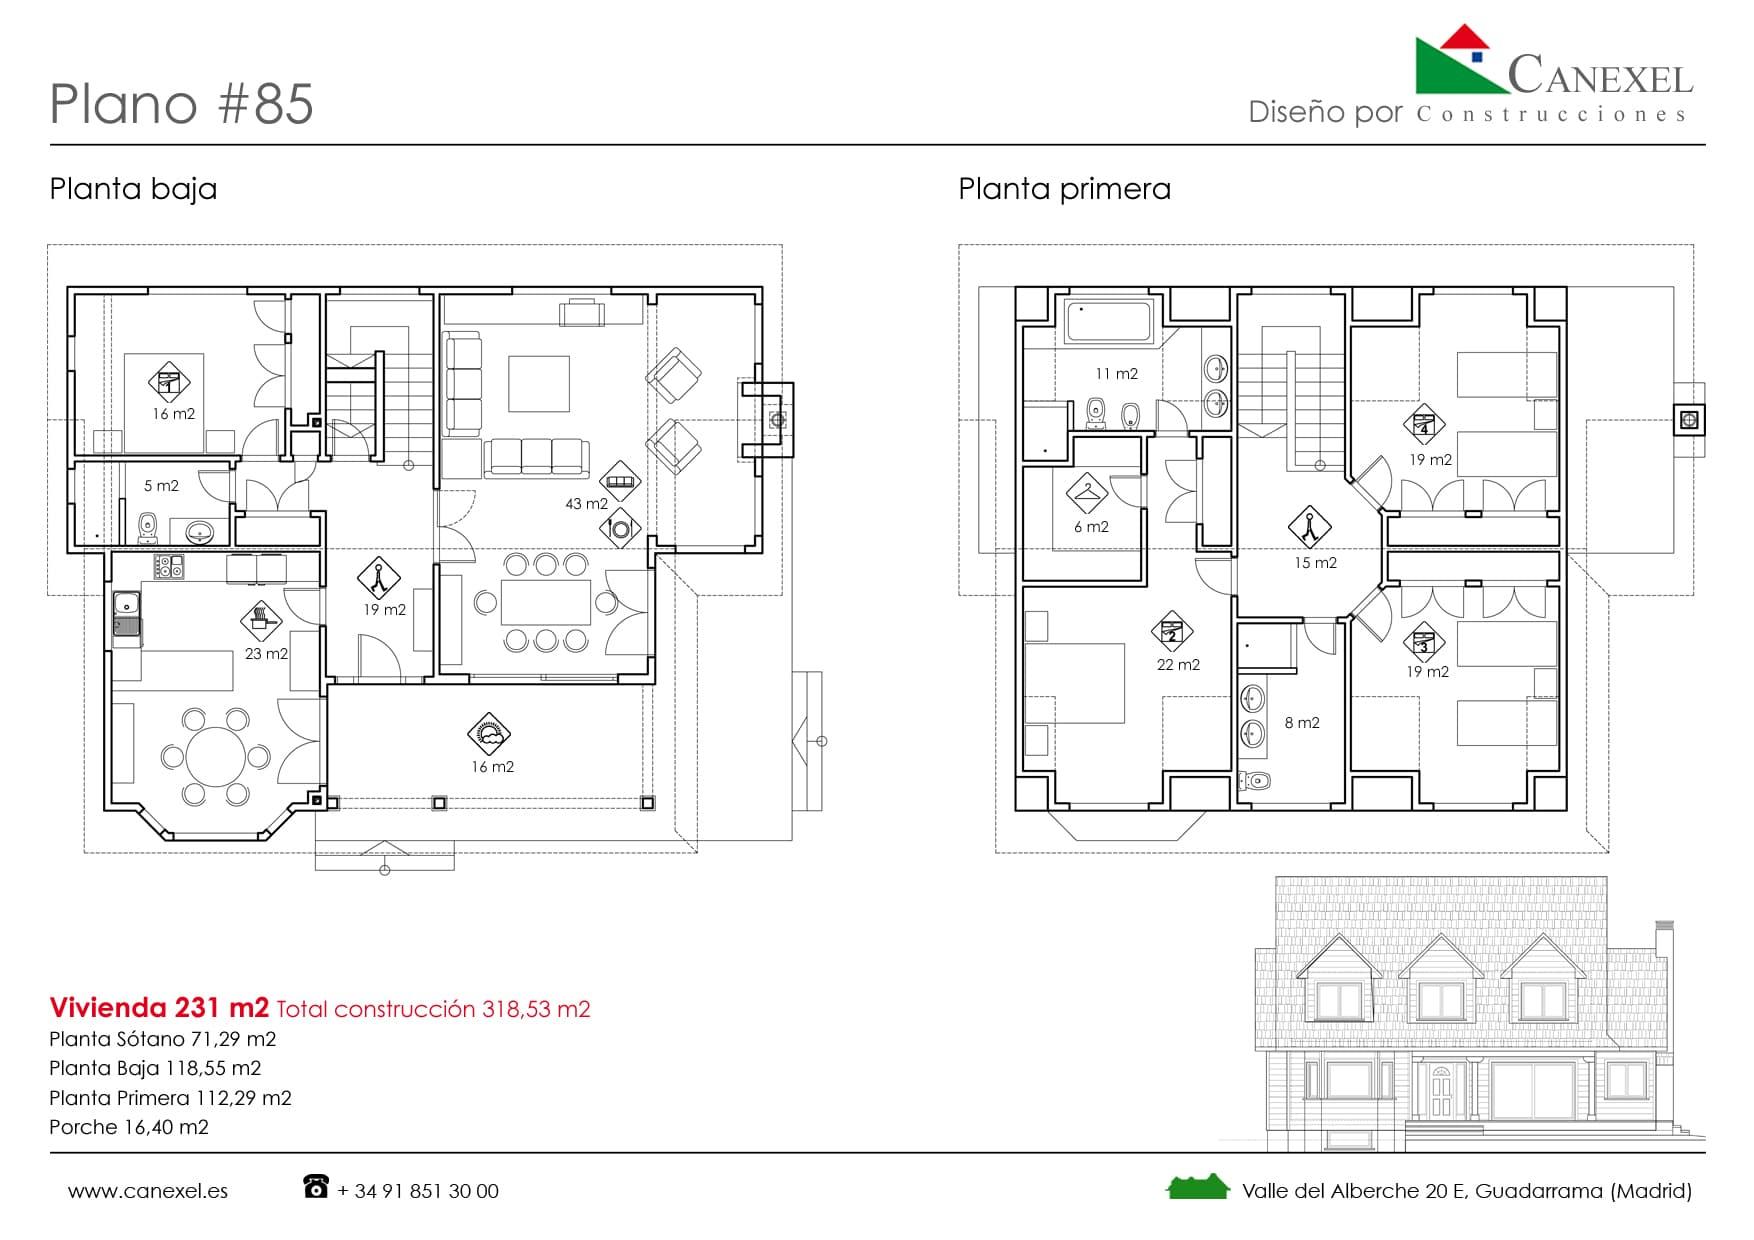 Casas americanas planos dise os arquitect nicos - Planos de casas americanas ...